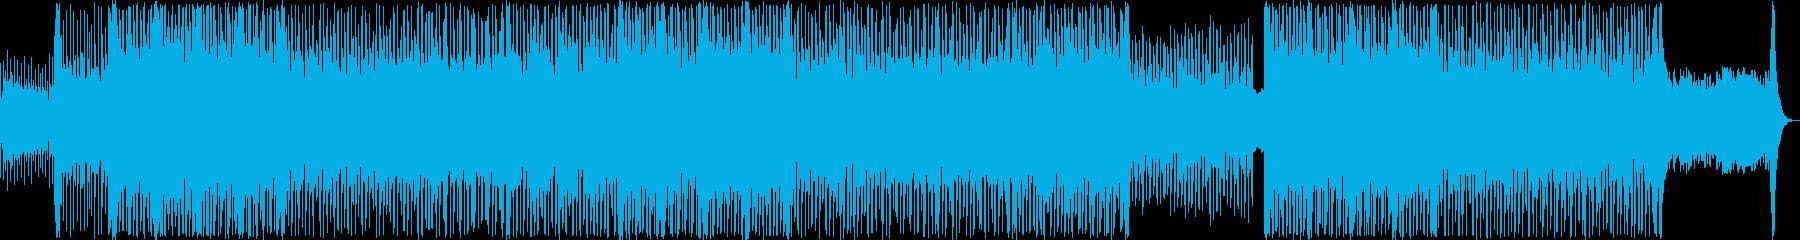 フュージョン アクション エスニッ...の再生済みの波形